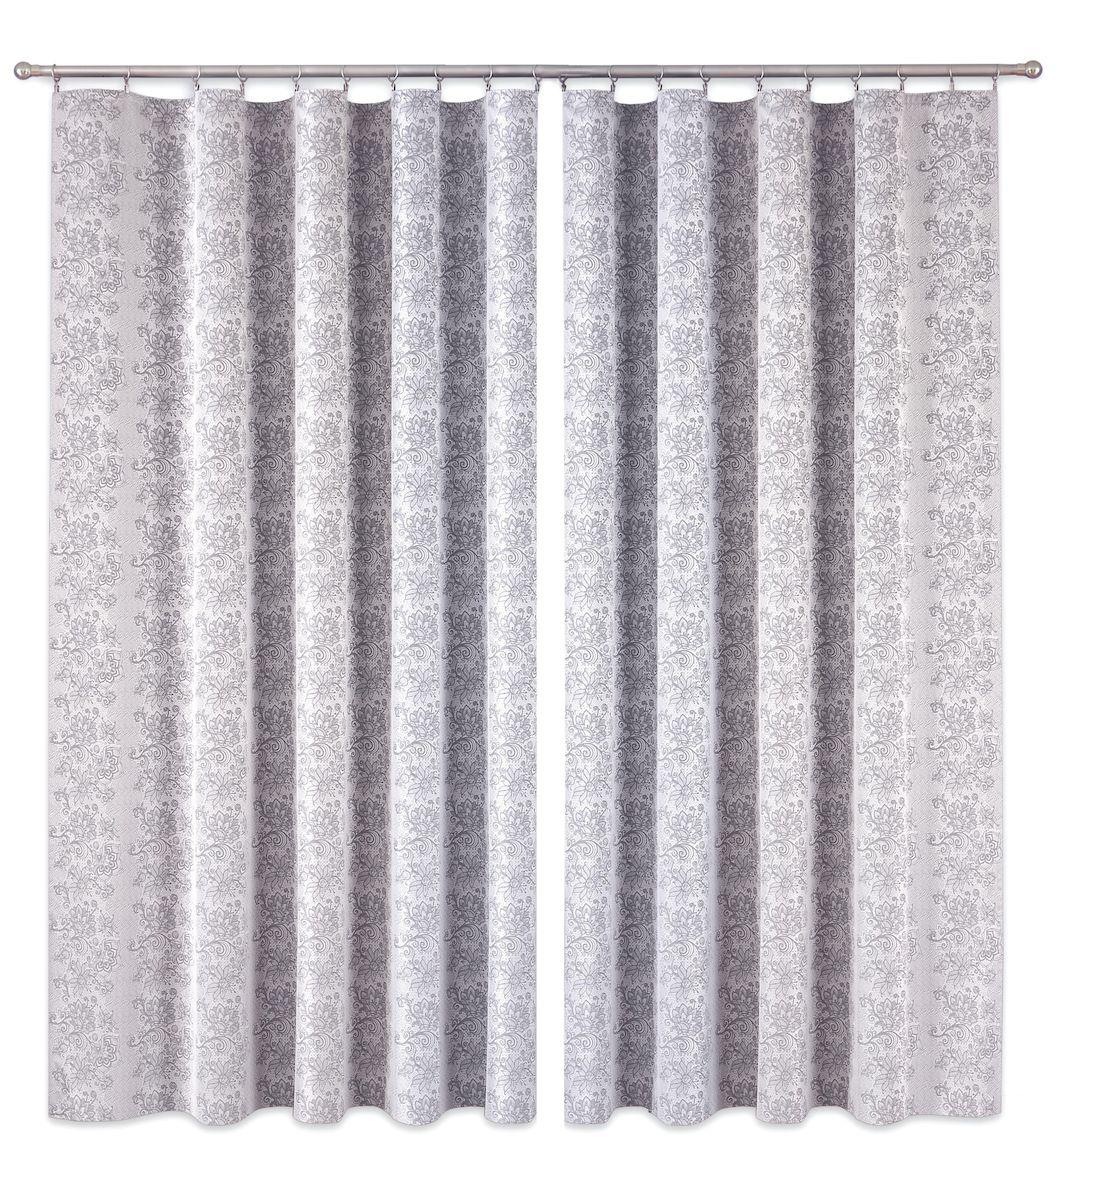 Комплект штор P Primavera Firany, цвет: серый, высота 250 см. 11100181110018Комплект штор из полиэстровой жаккардовой ткани с пришитой шторной лентой. Размер - ширина 180 см высота 250см. Набор 2 штуки. Цвет серый. Размер: ширина 180 х высота 250